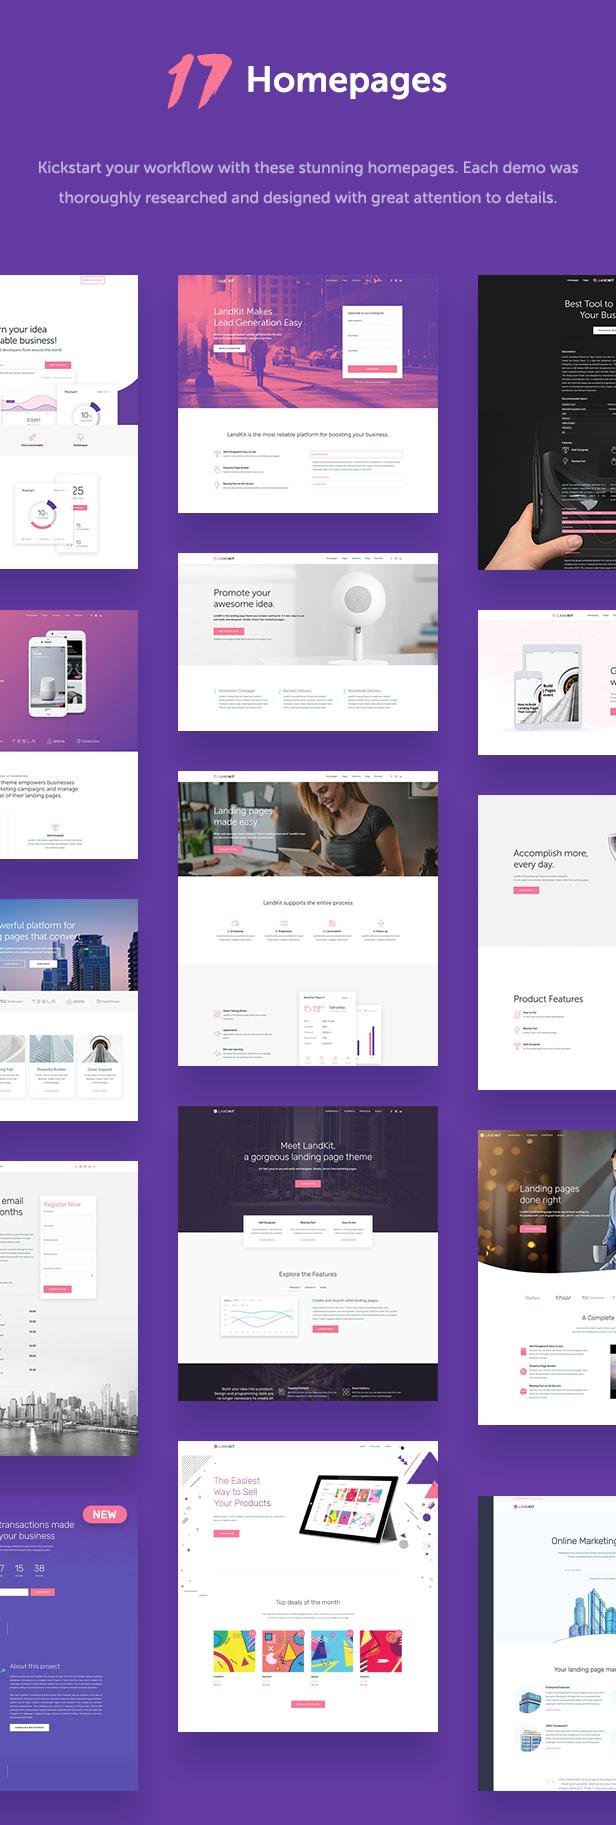 Landkit - WordPress Landing Page Theme - 3